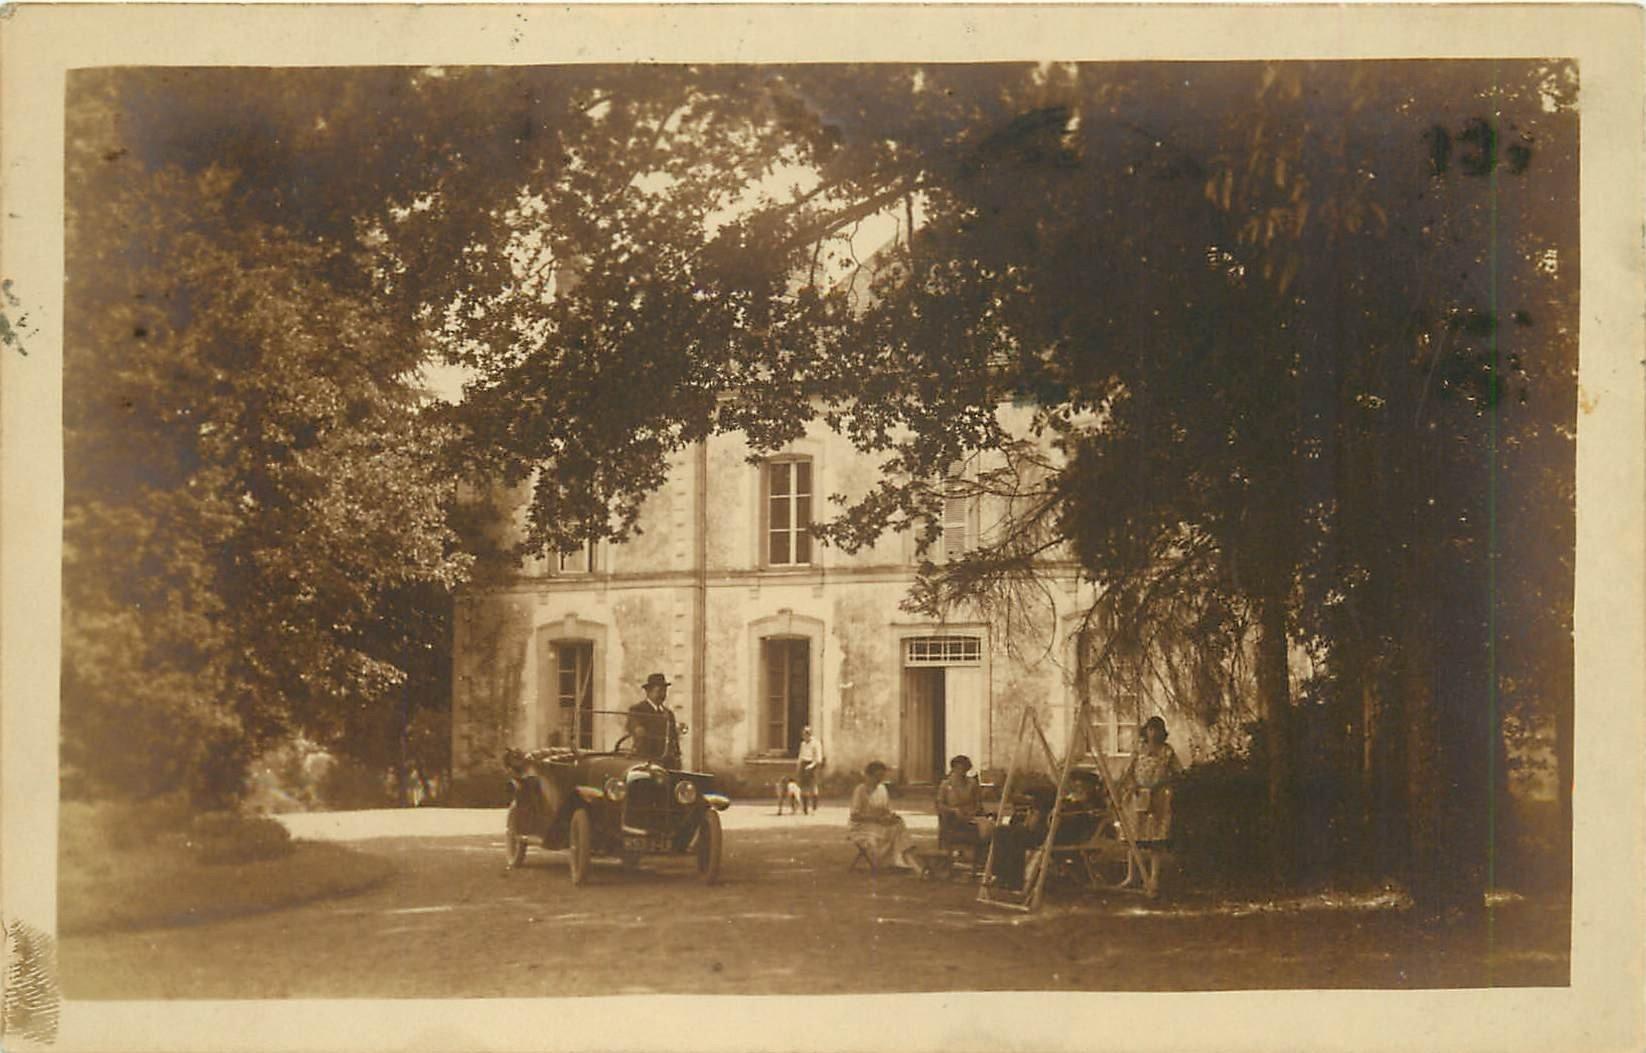 92 MONTROUGE. Voiture ancienne dans le Parc d'une Villa 1926. Photo carte postale ancienne